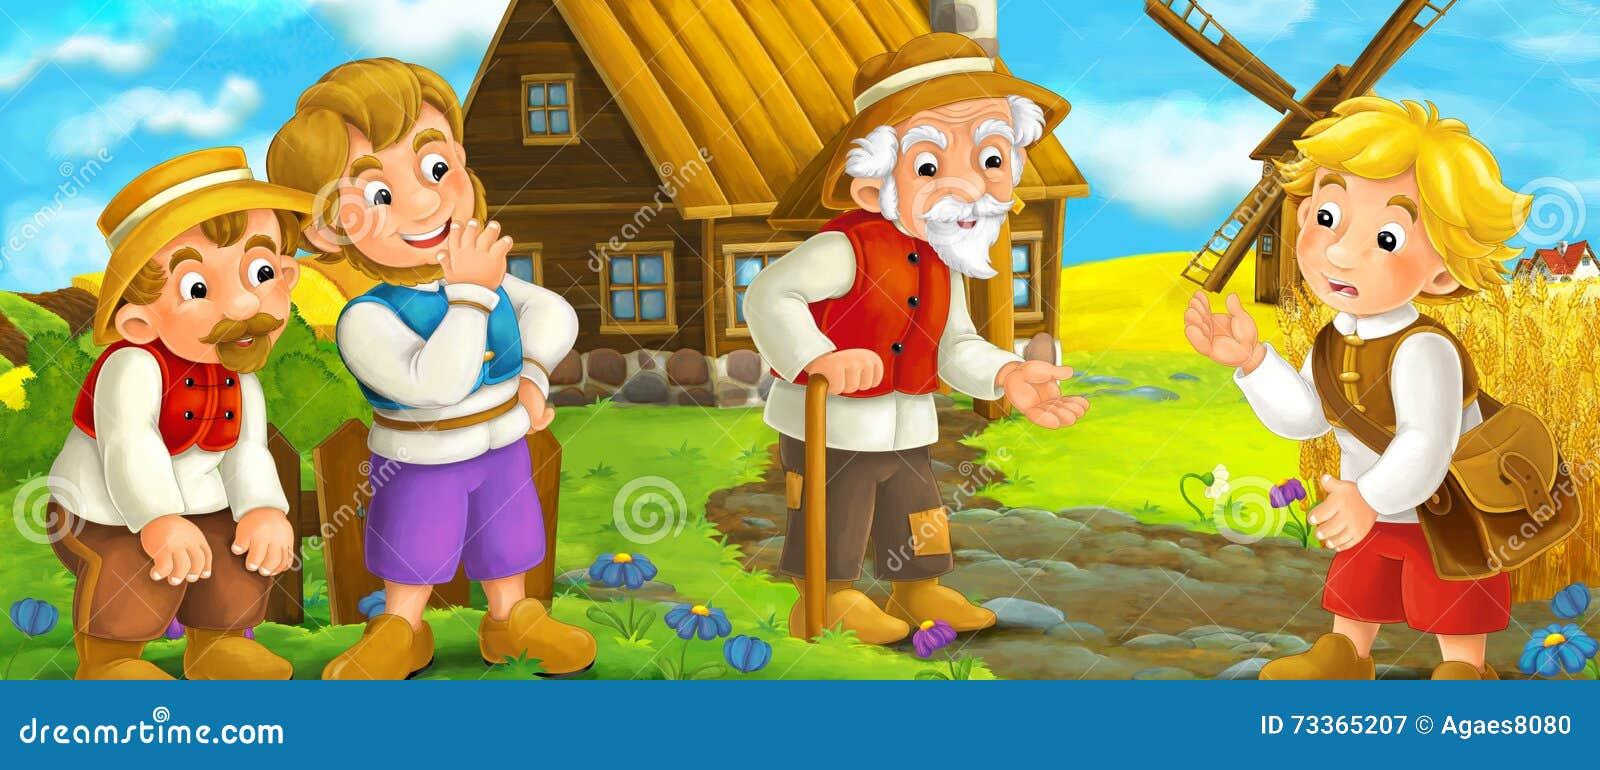 Cena dos desenhos animados - grupo de pessoas que fala - vida na vila pequena - épocas medievais velhas